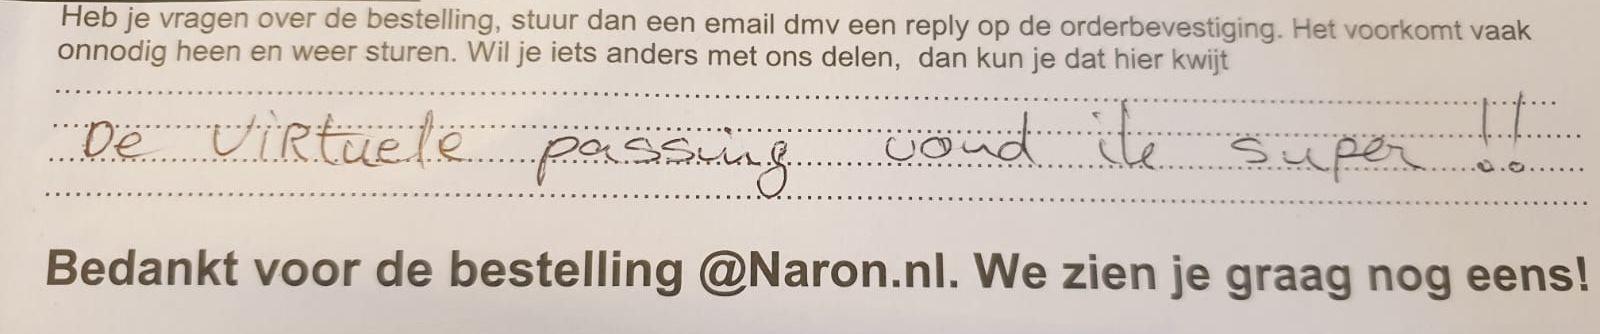 Maak je online afspraak op naron.nl